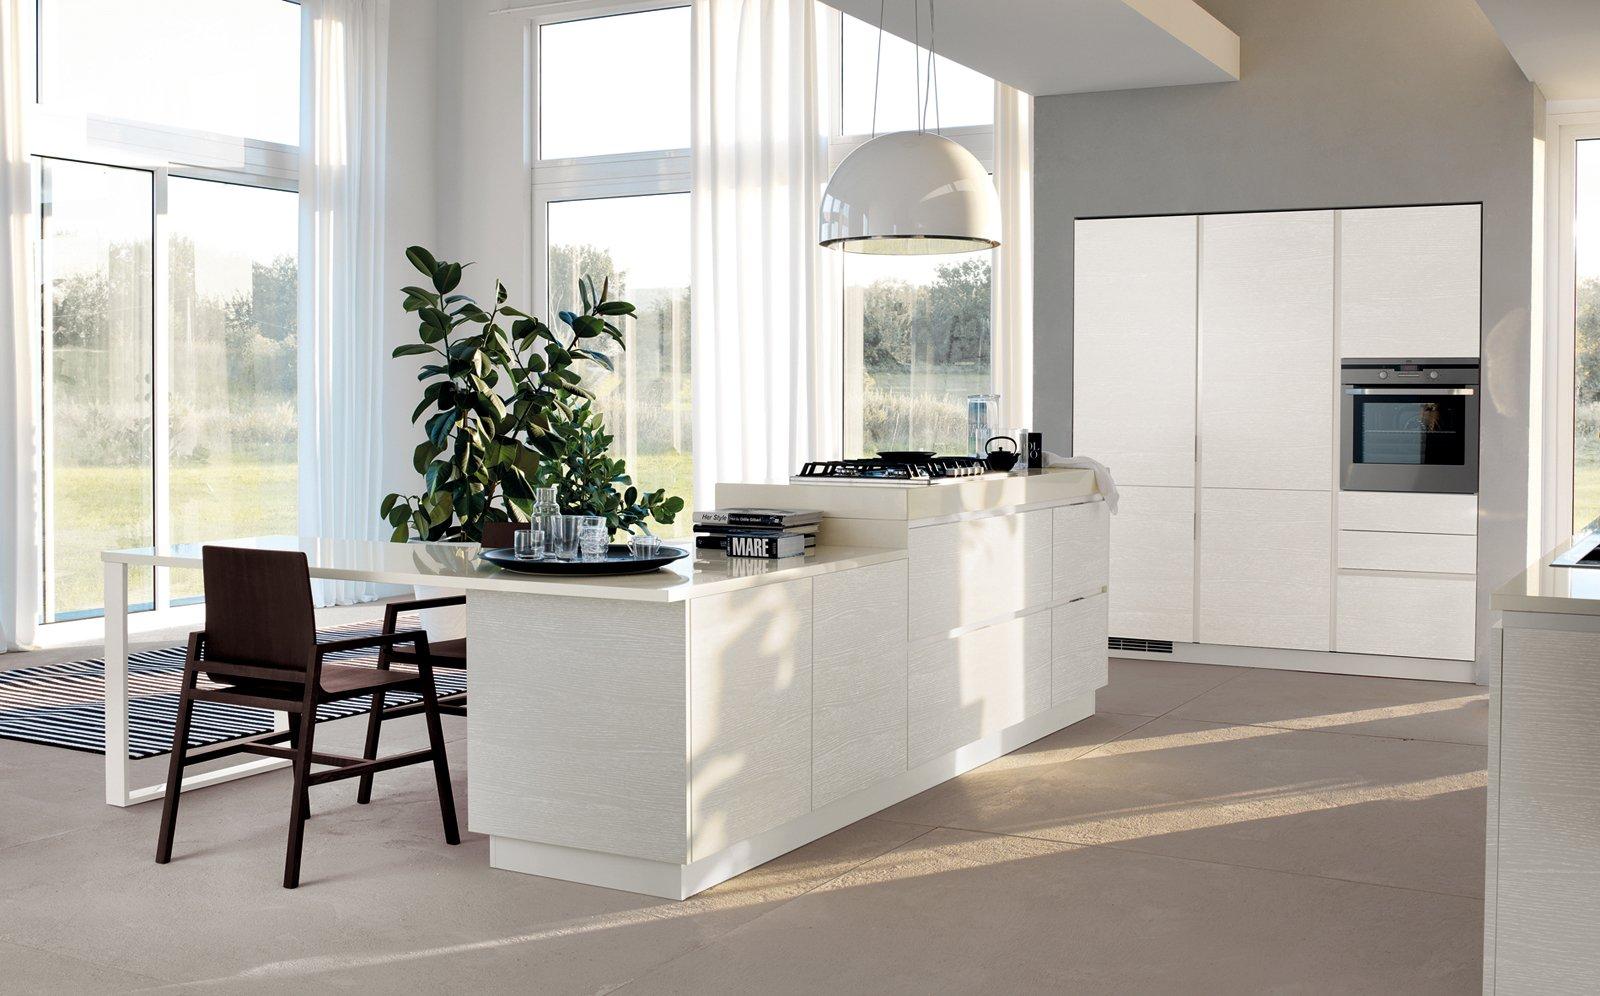 Cucine con isola cose di casa - Immagini cucine ikea ...